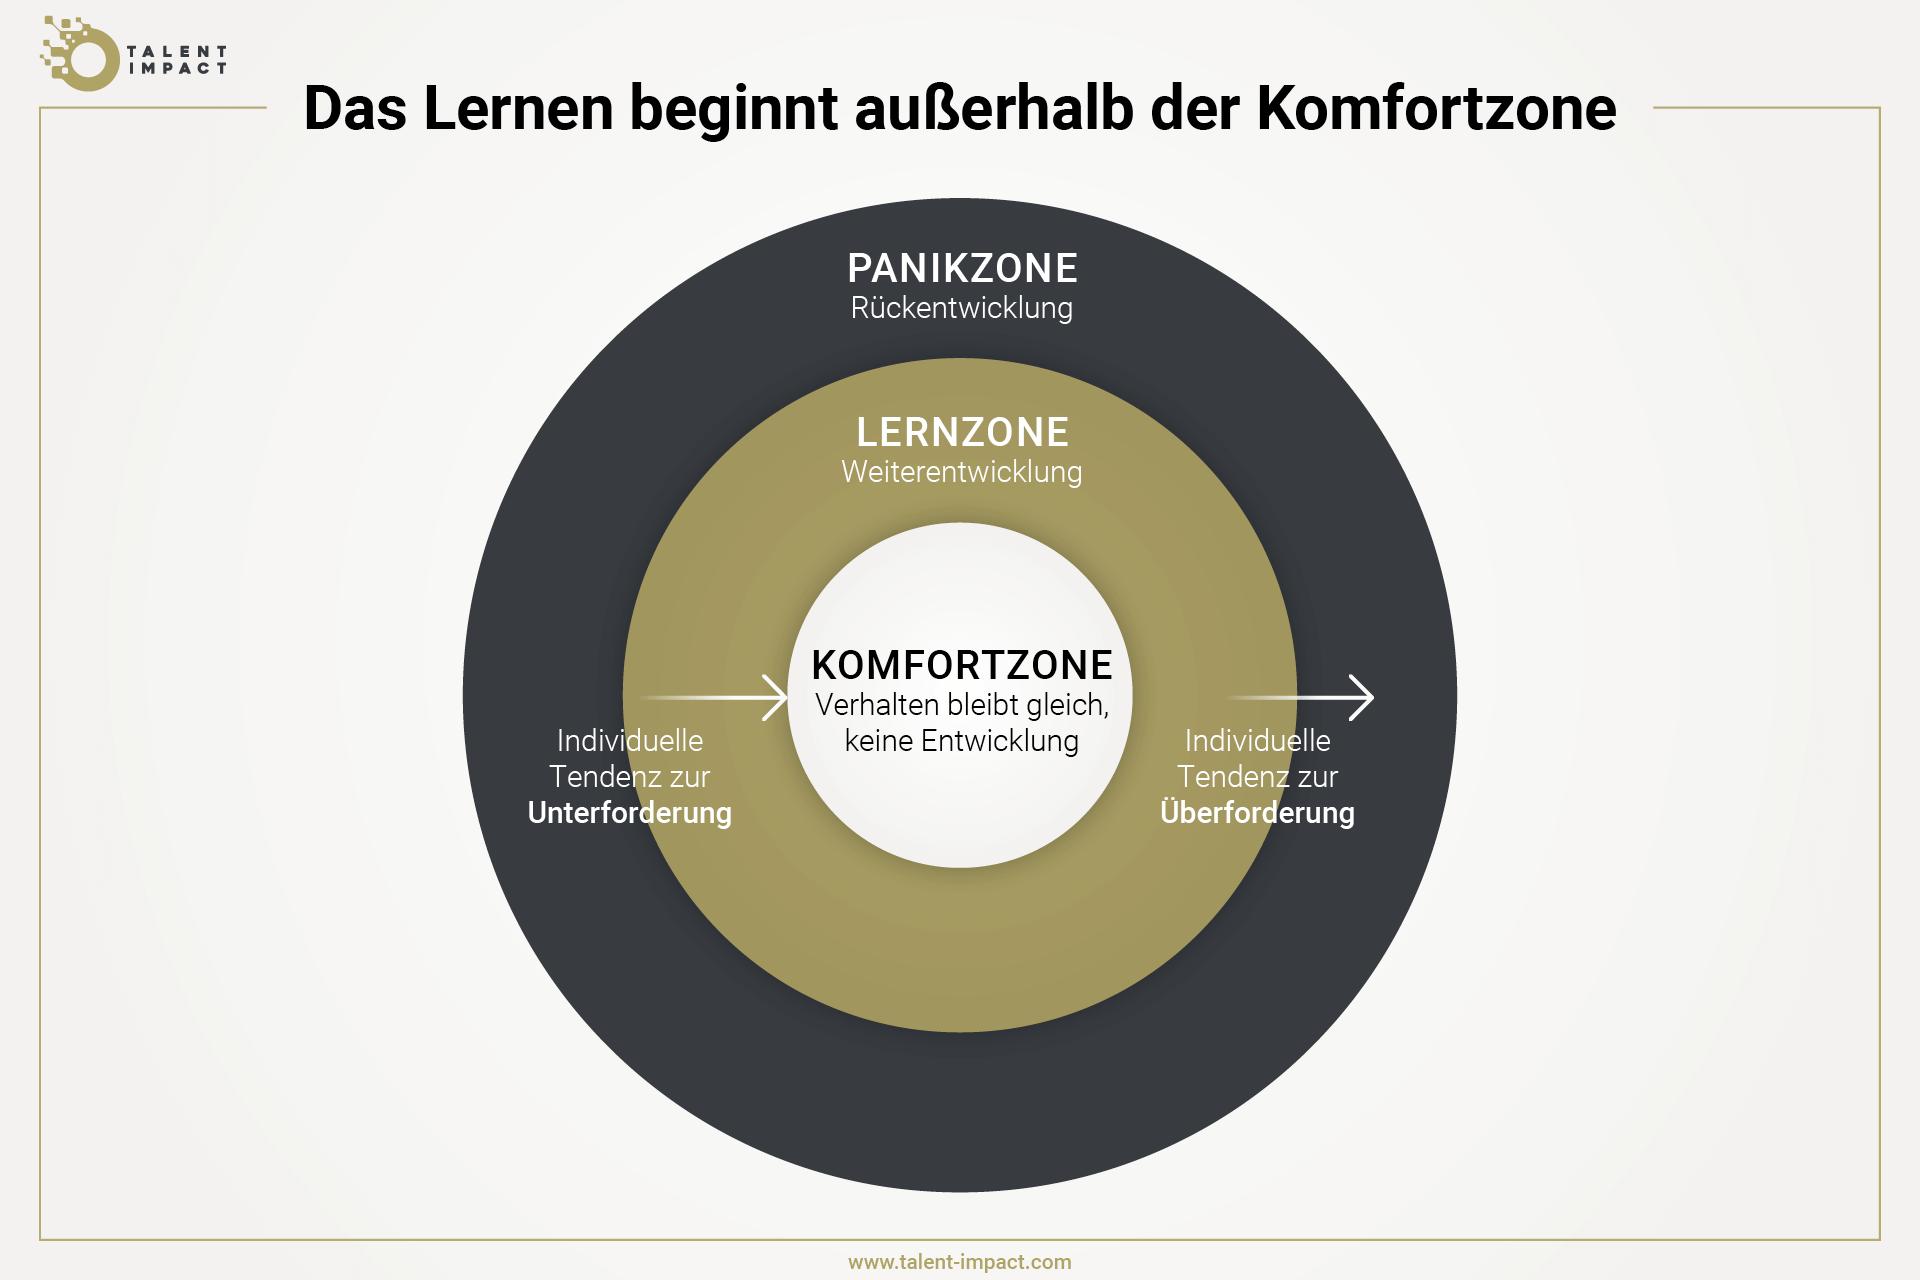 Grafik, die zeigt, wie wichtig es ist, den Lernen aus der Komfortzone in die Lernzone zu bringen, ohne ih zu überfordern, weil dort die Regression droht